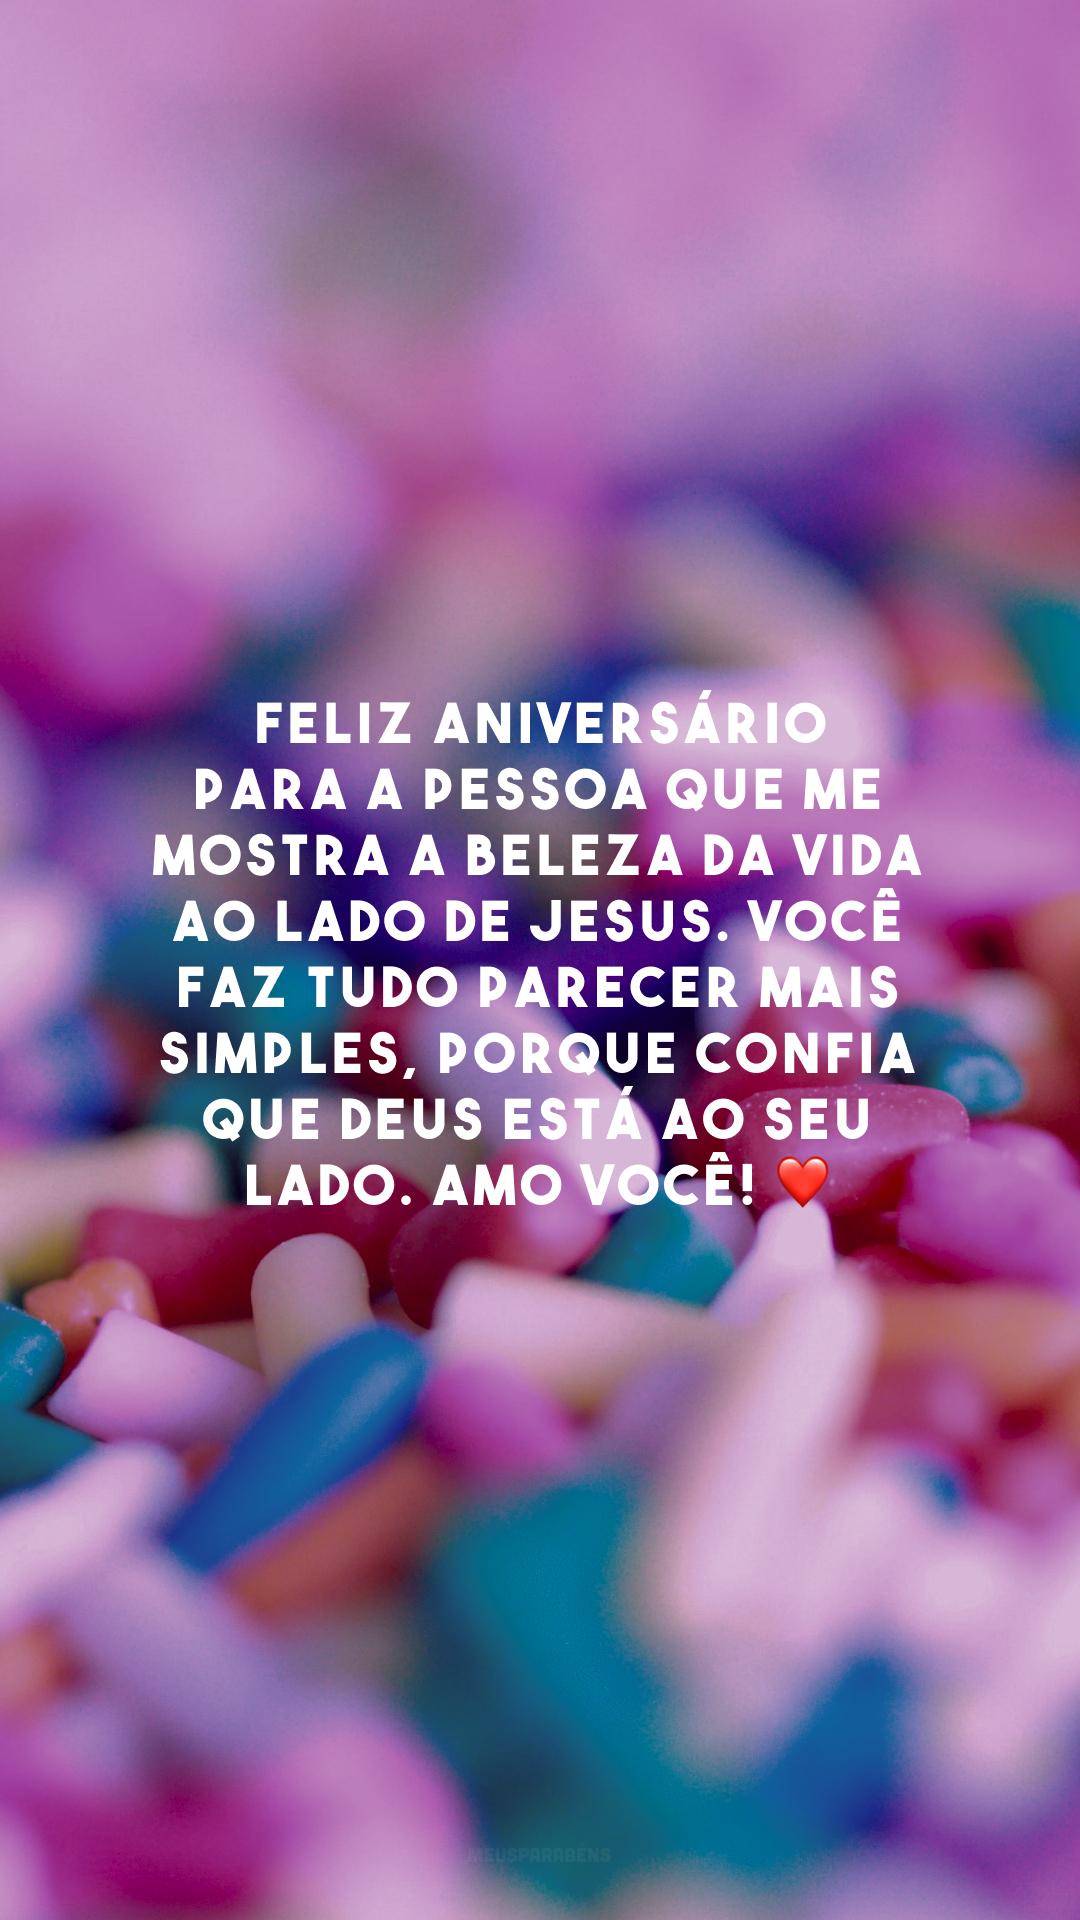 Feliz aniversário para a pessoa que me mostra a beleza da vida ao lado de Jesus. Você faz tudo parecer mais simples, porque confia que Deus está ao seu lado. Amo você! ❤️